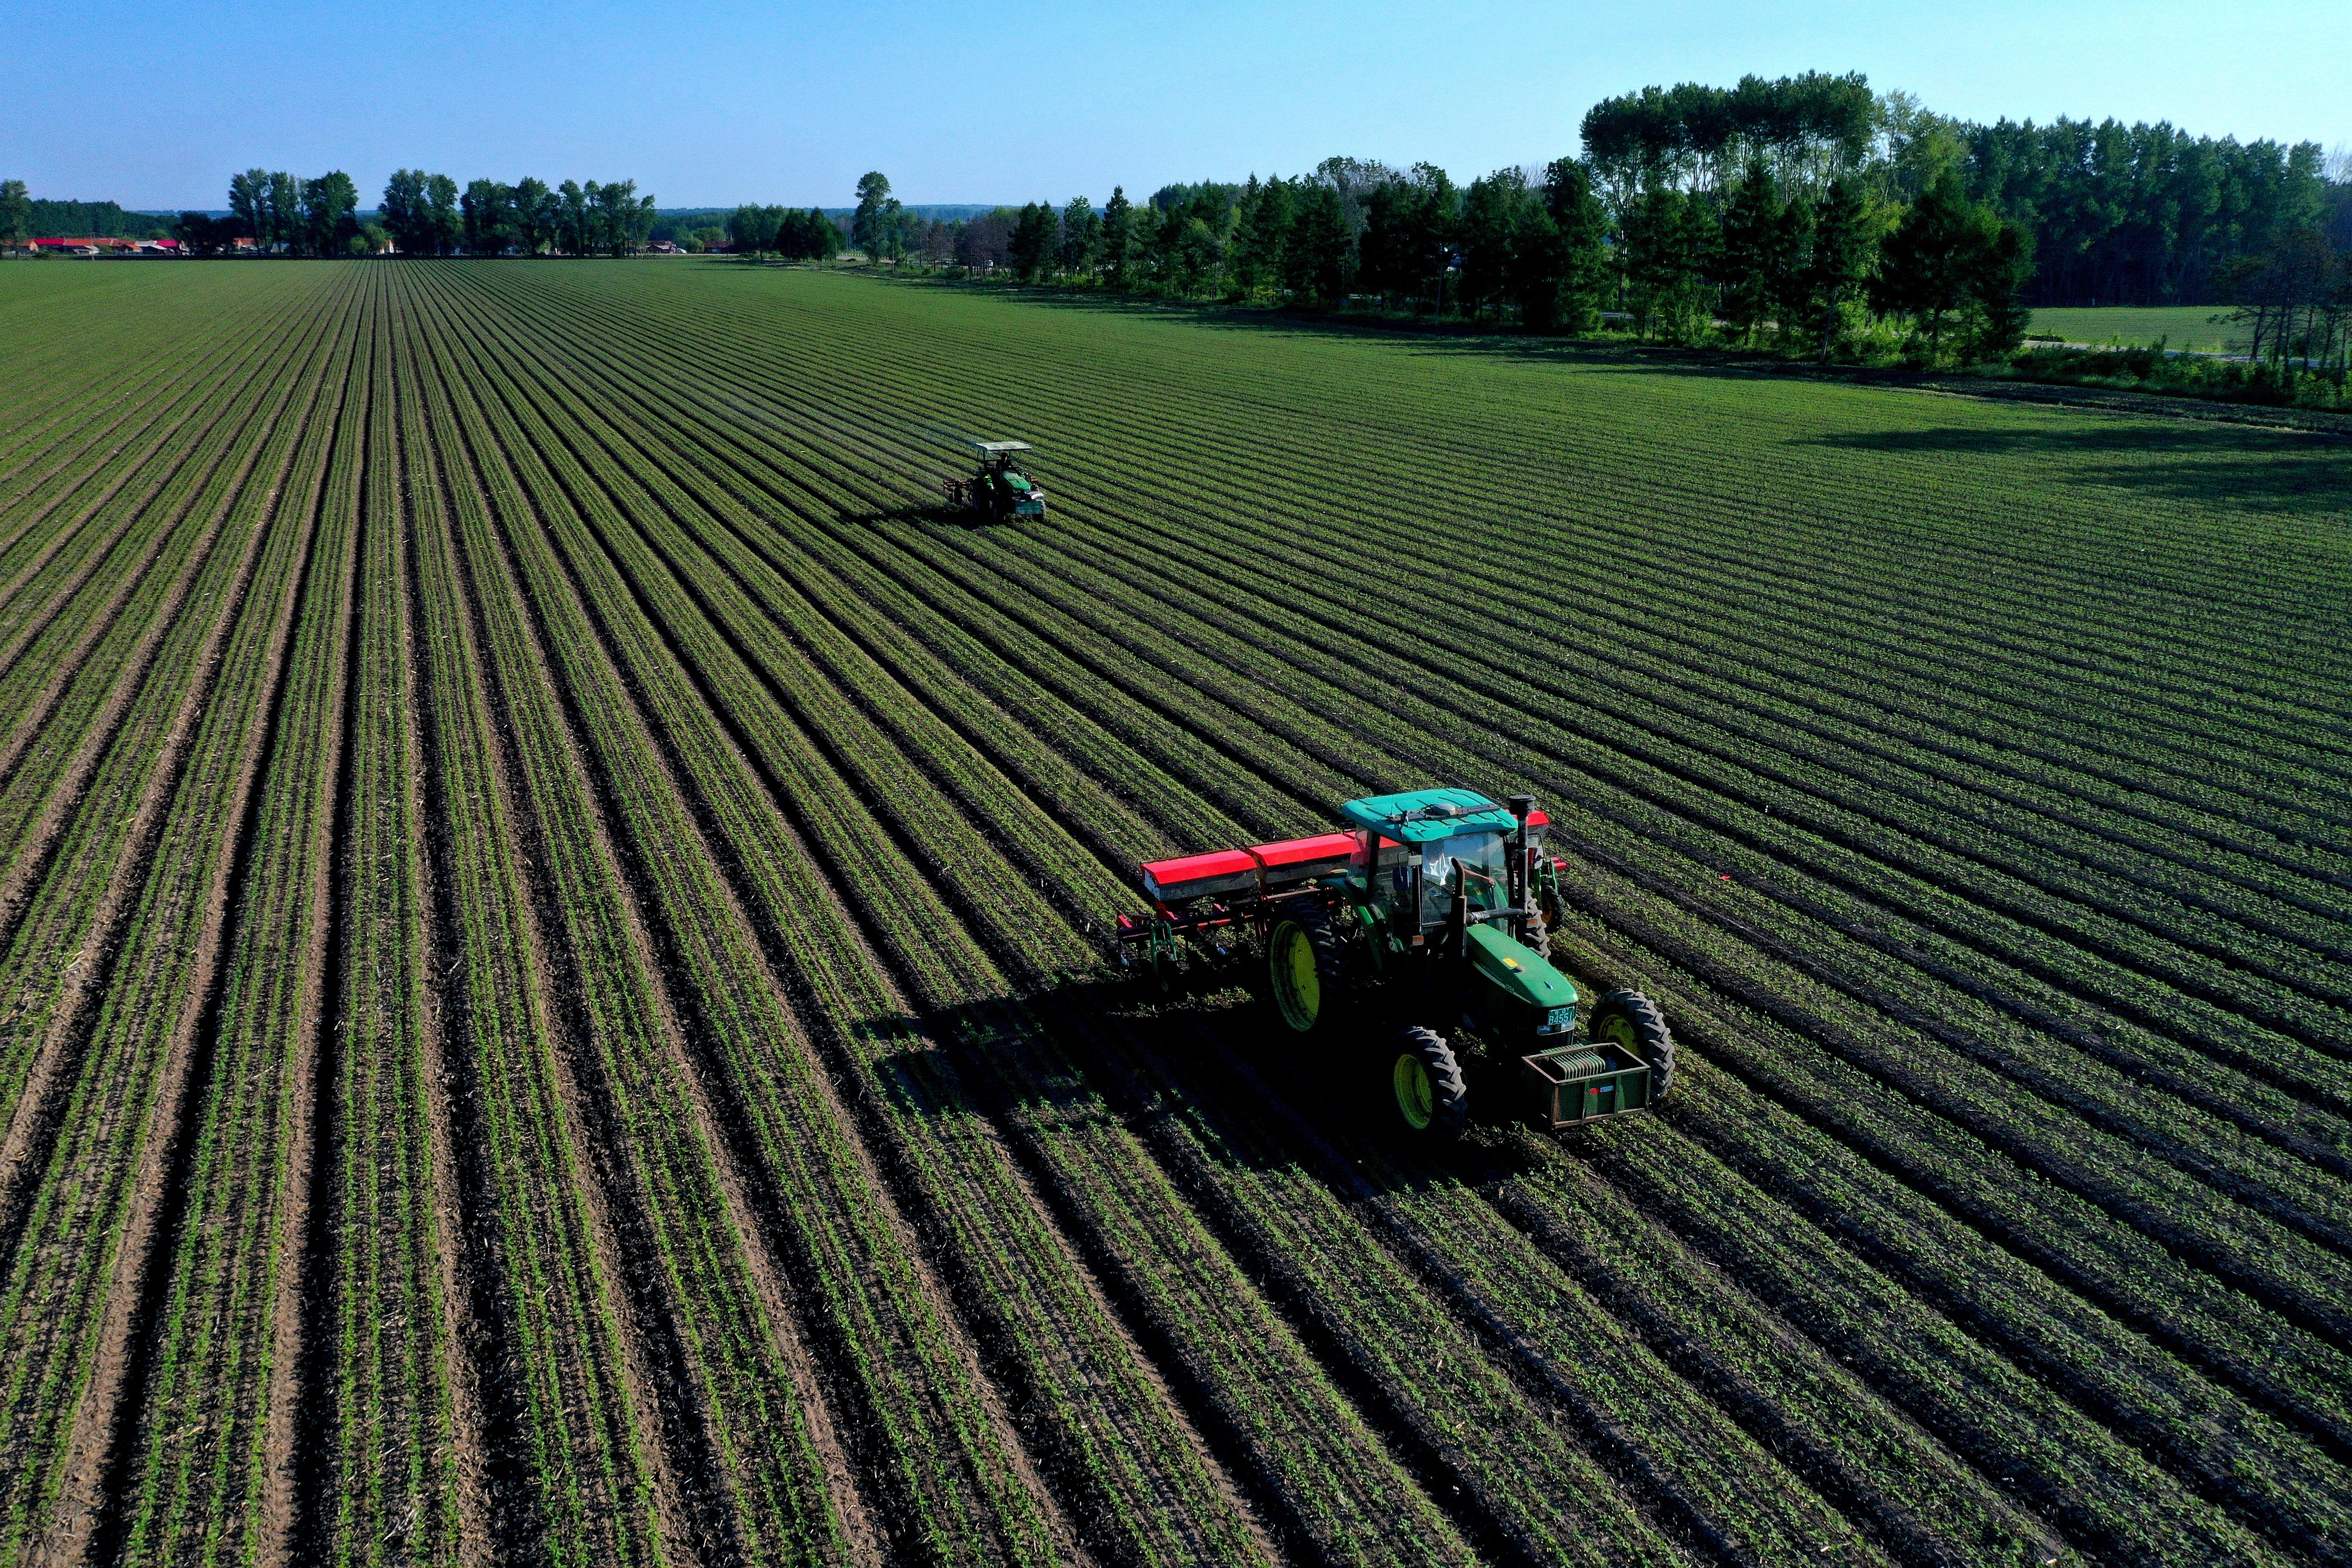 北大荒集团八五二农场有限公司夏管现场